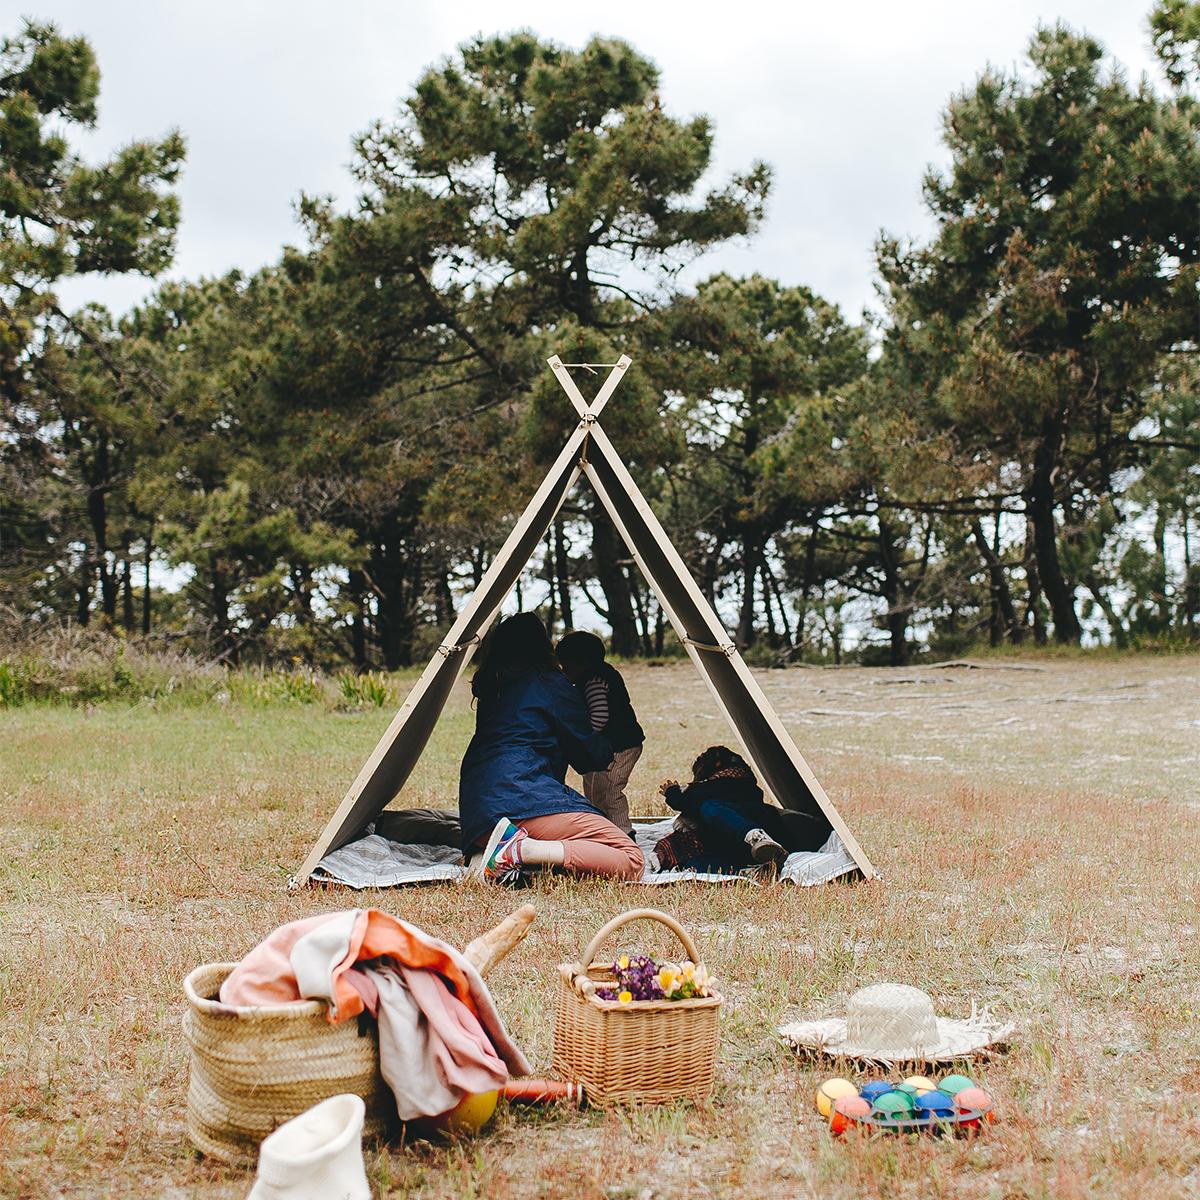 テント内は広々として、大人が子どもと一緒に過ごすのに十分なスペースがある「帆布テント」|LA TENTE ISLAISE(ラ・タント・イレーズ)